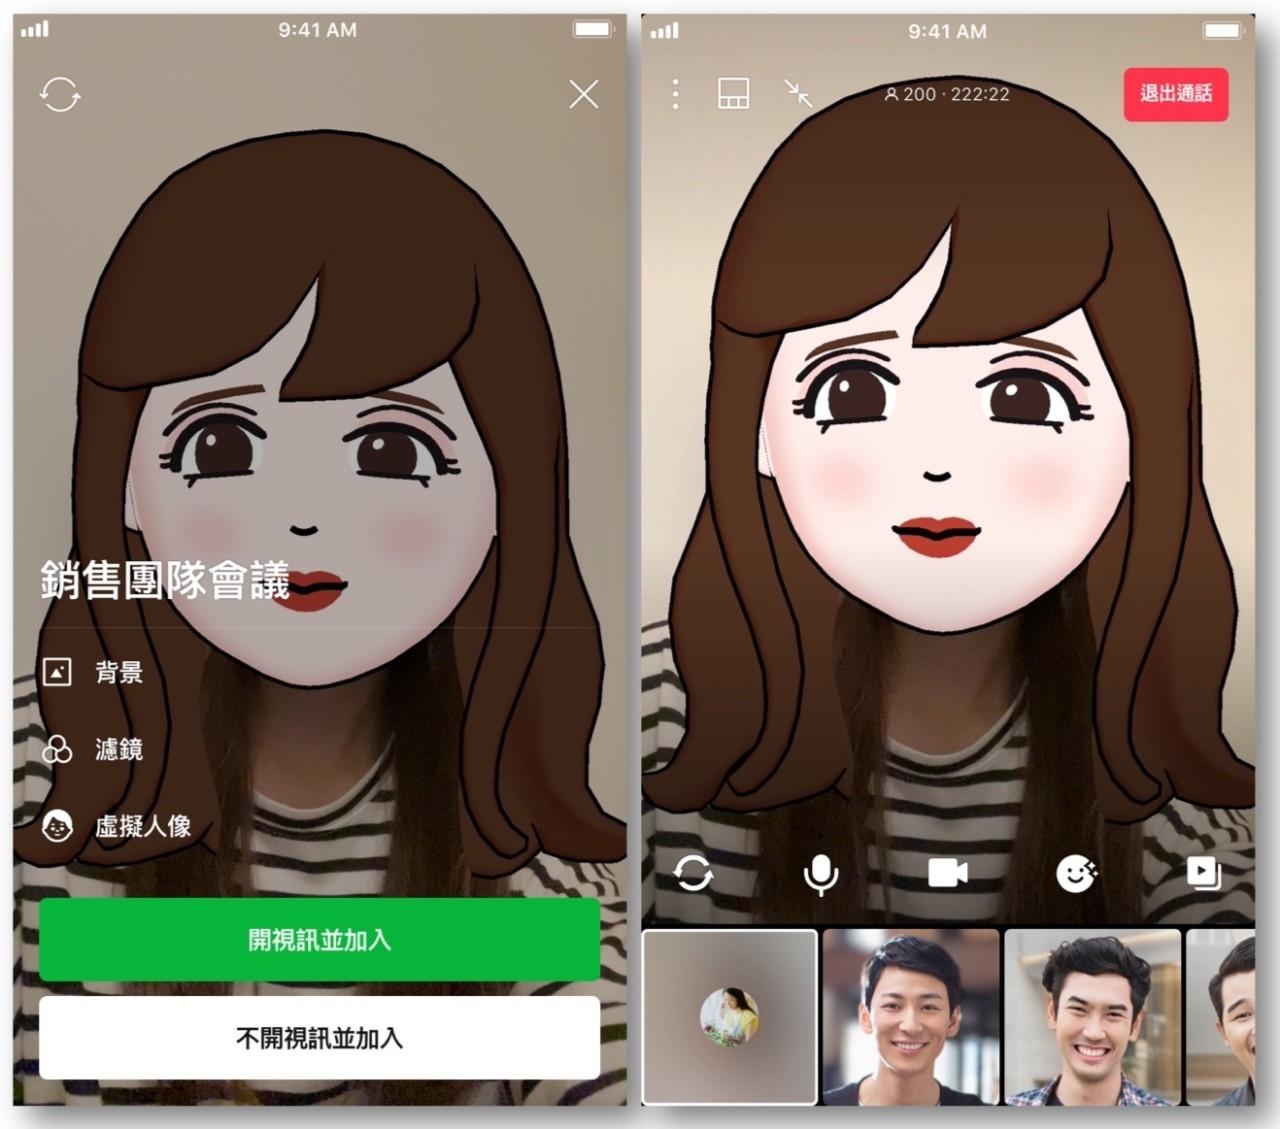 視訊可換Q版頭像!LINE更新4大功能,iOS還多了這個超實用功能